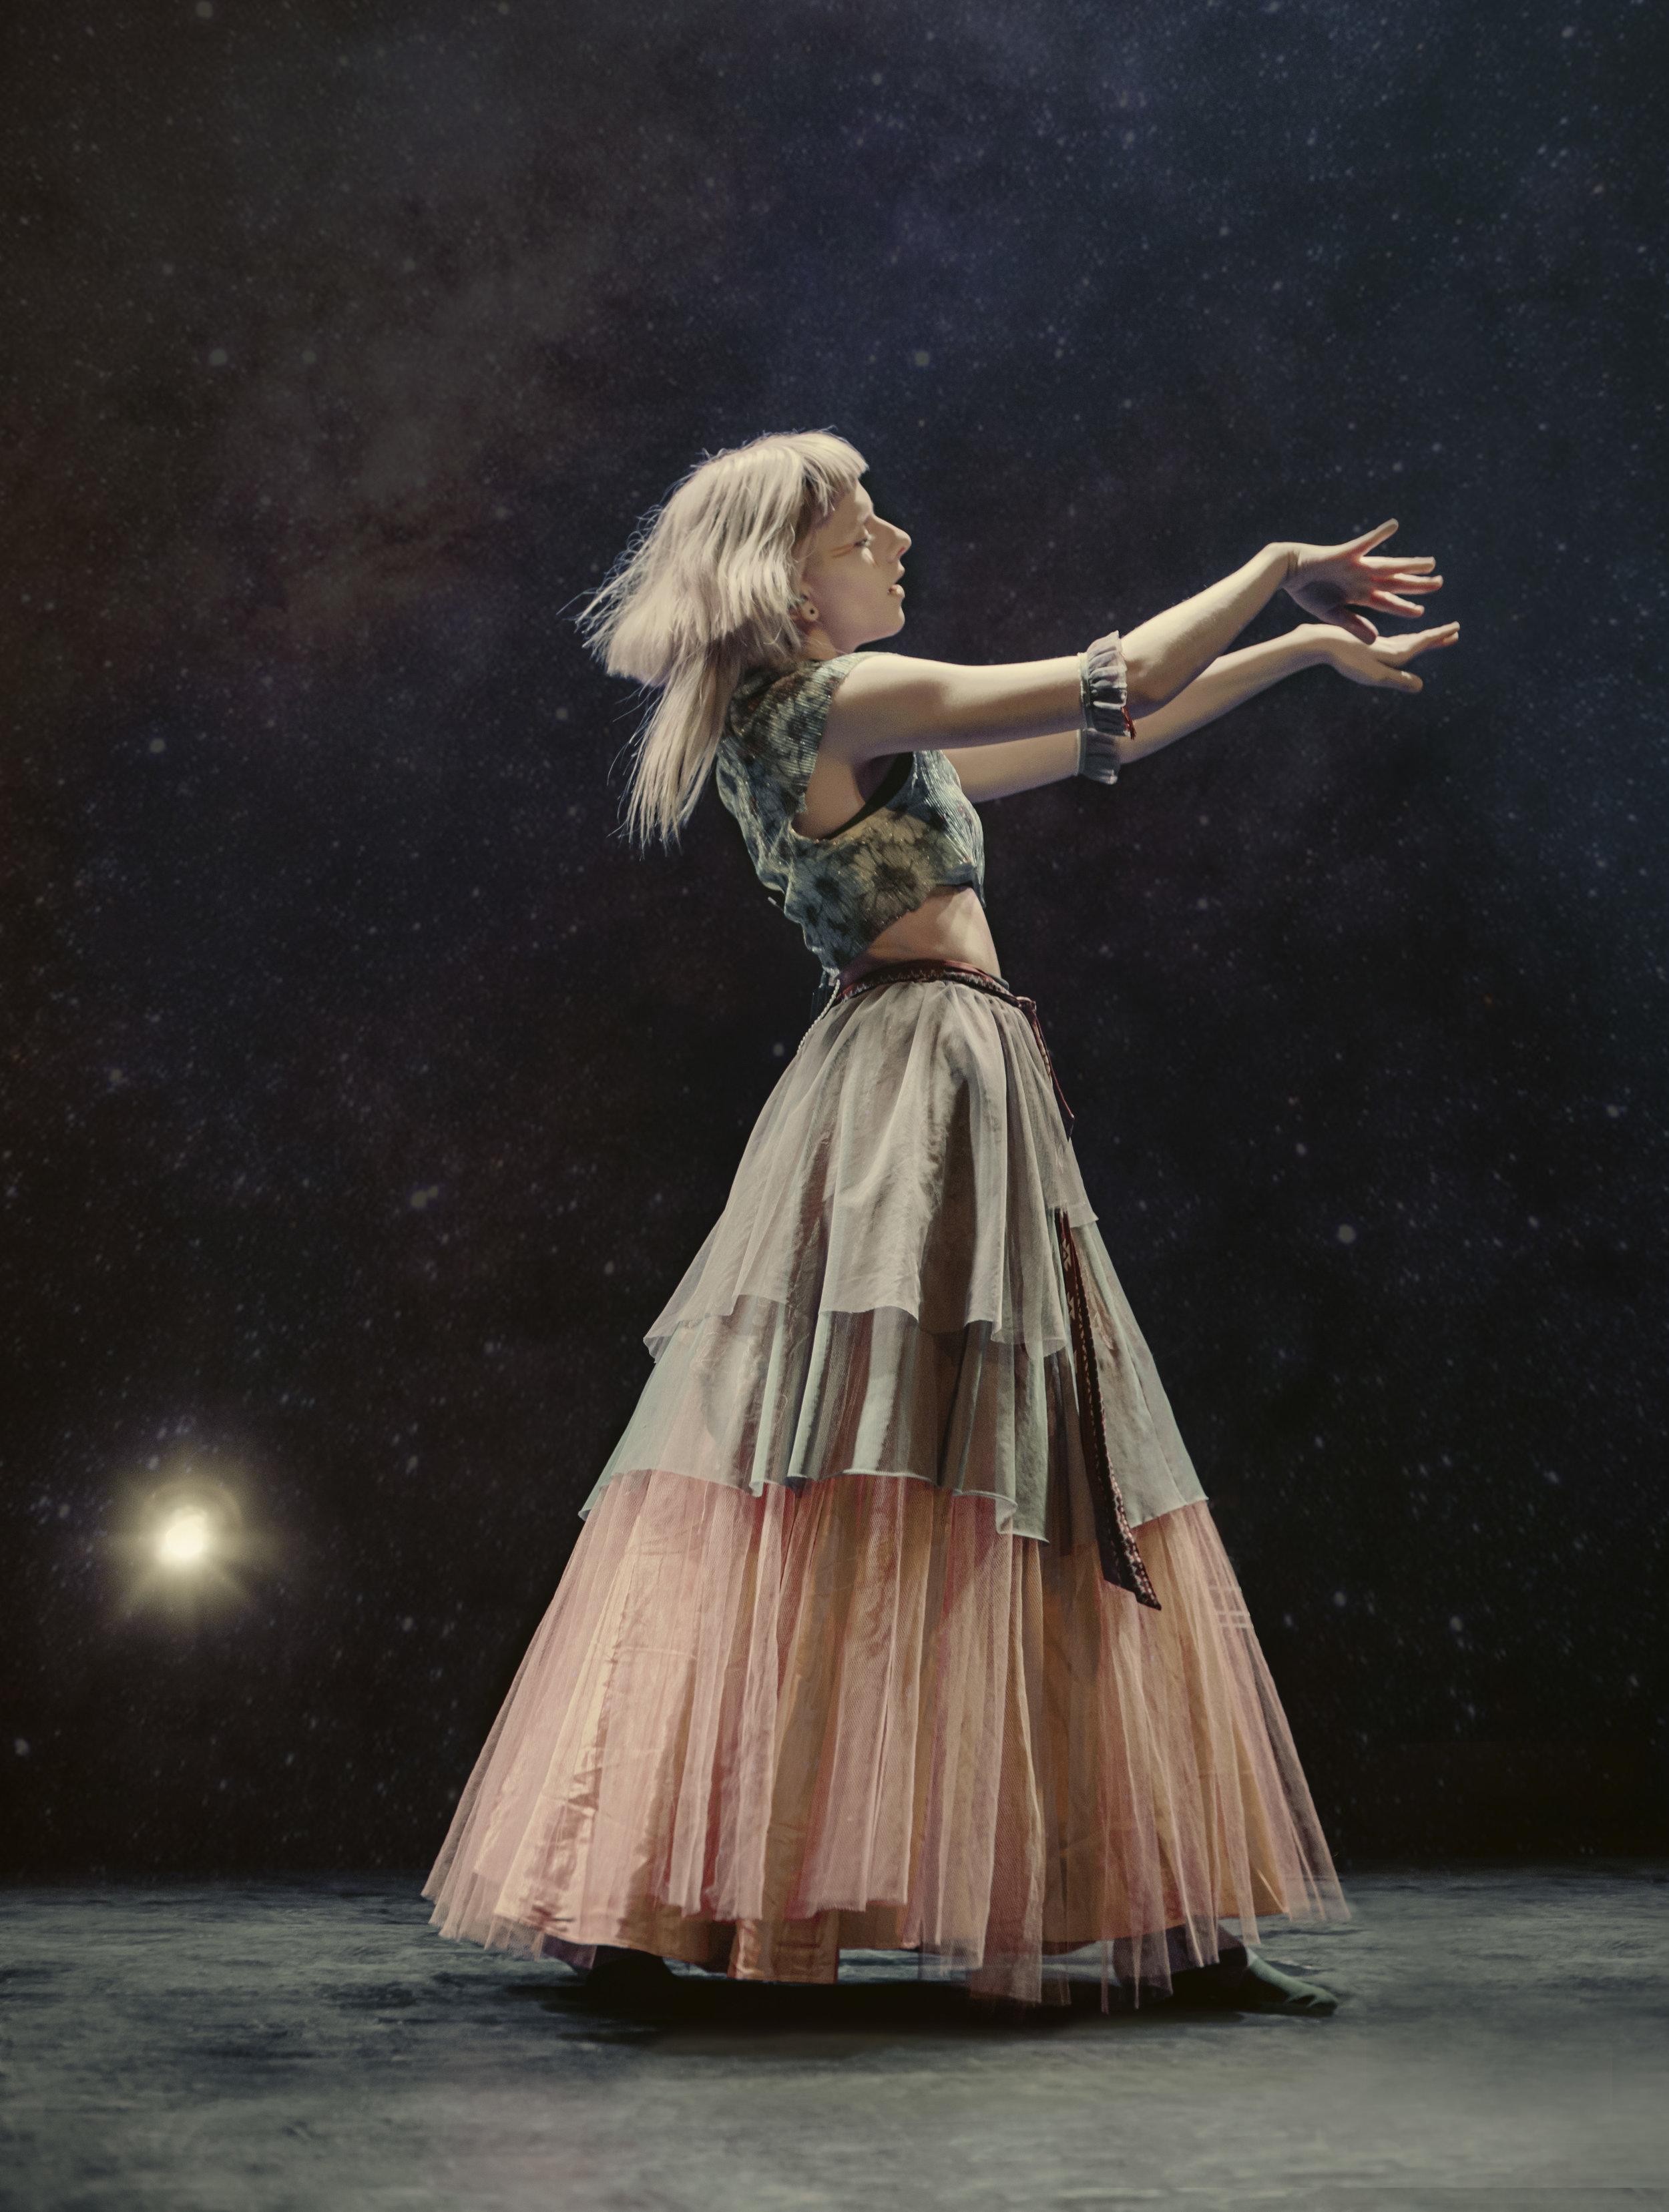 Aurora (by Nicole Conflenti)